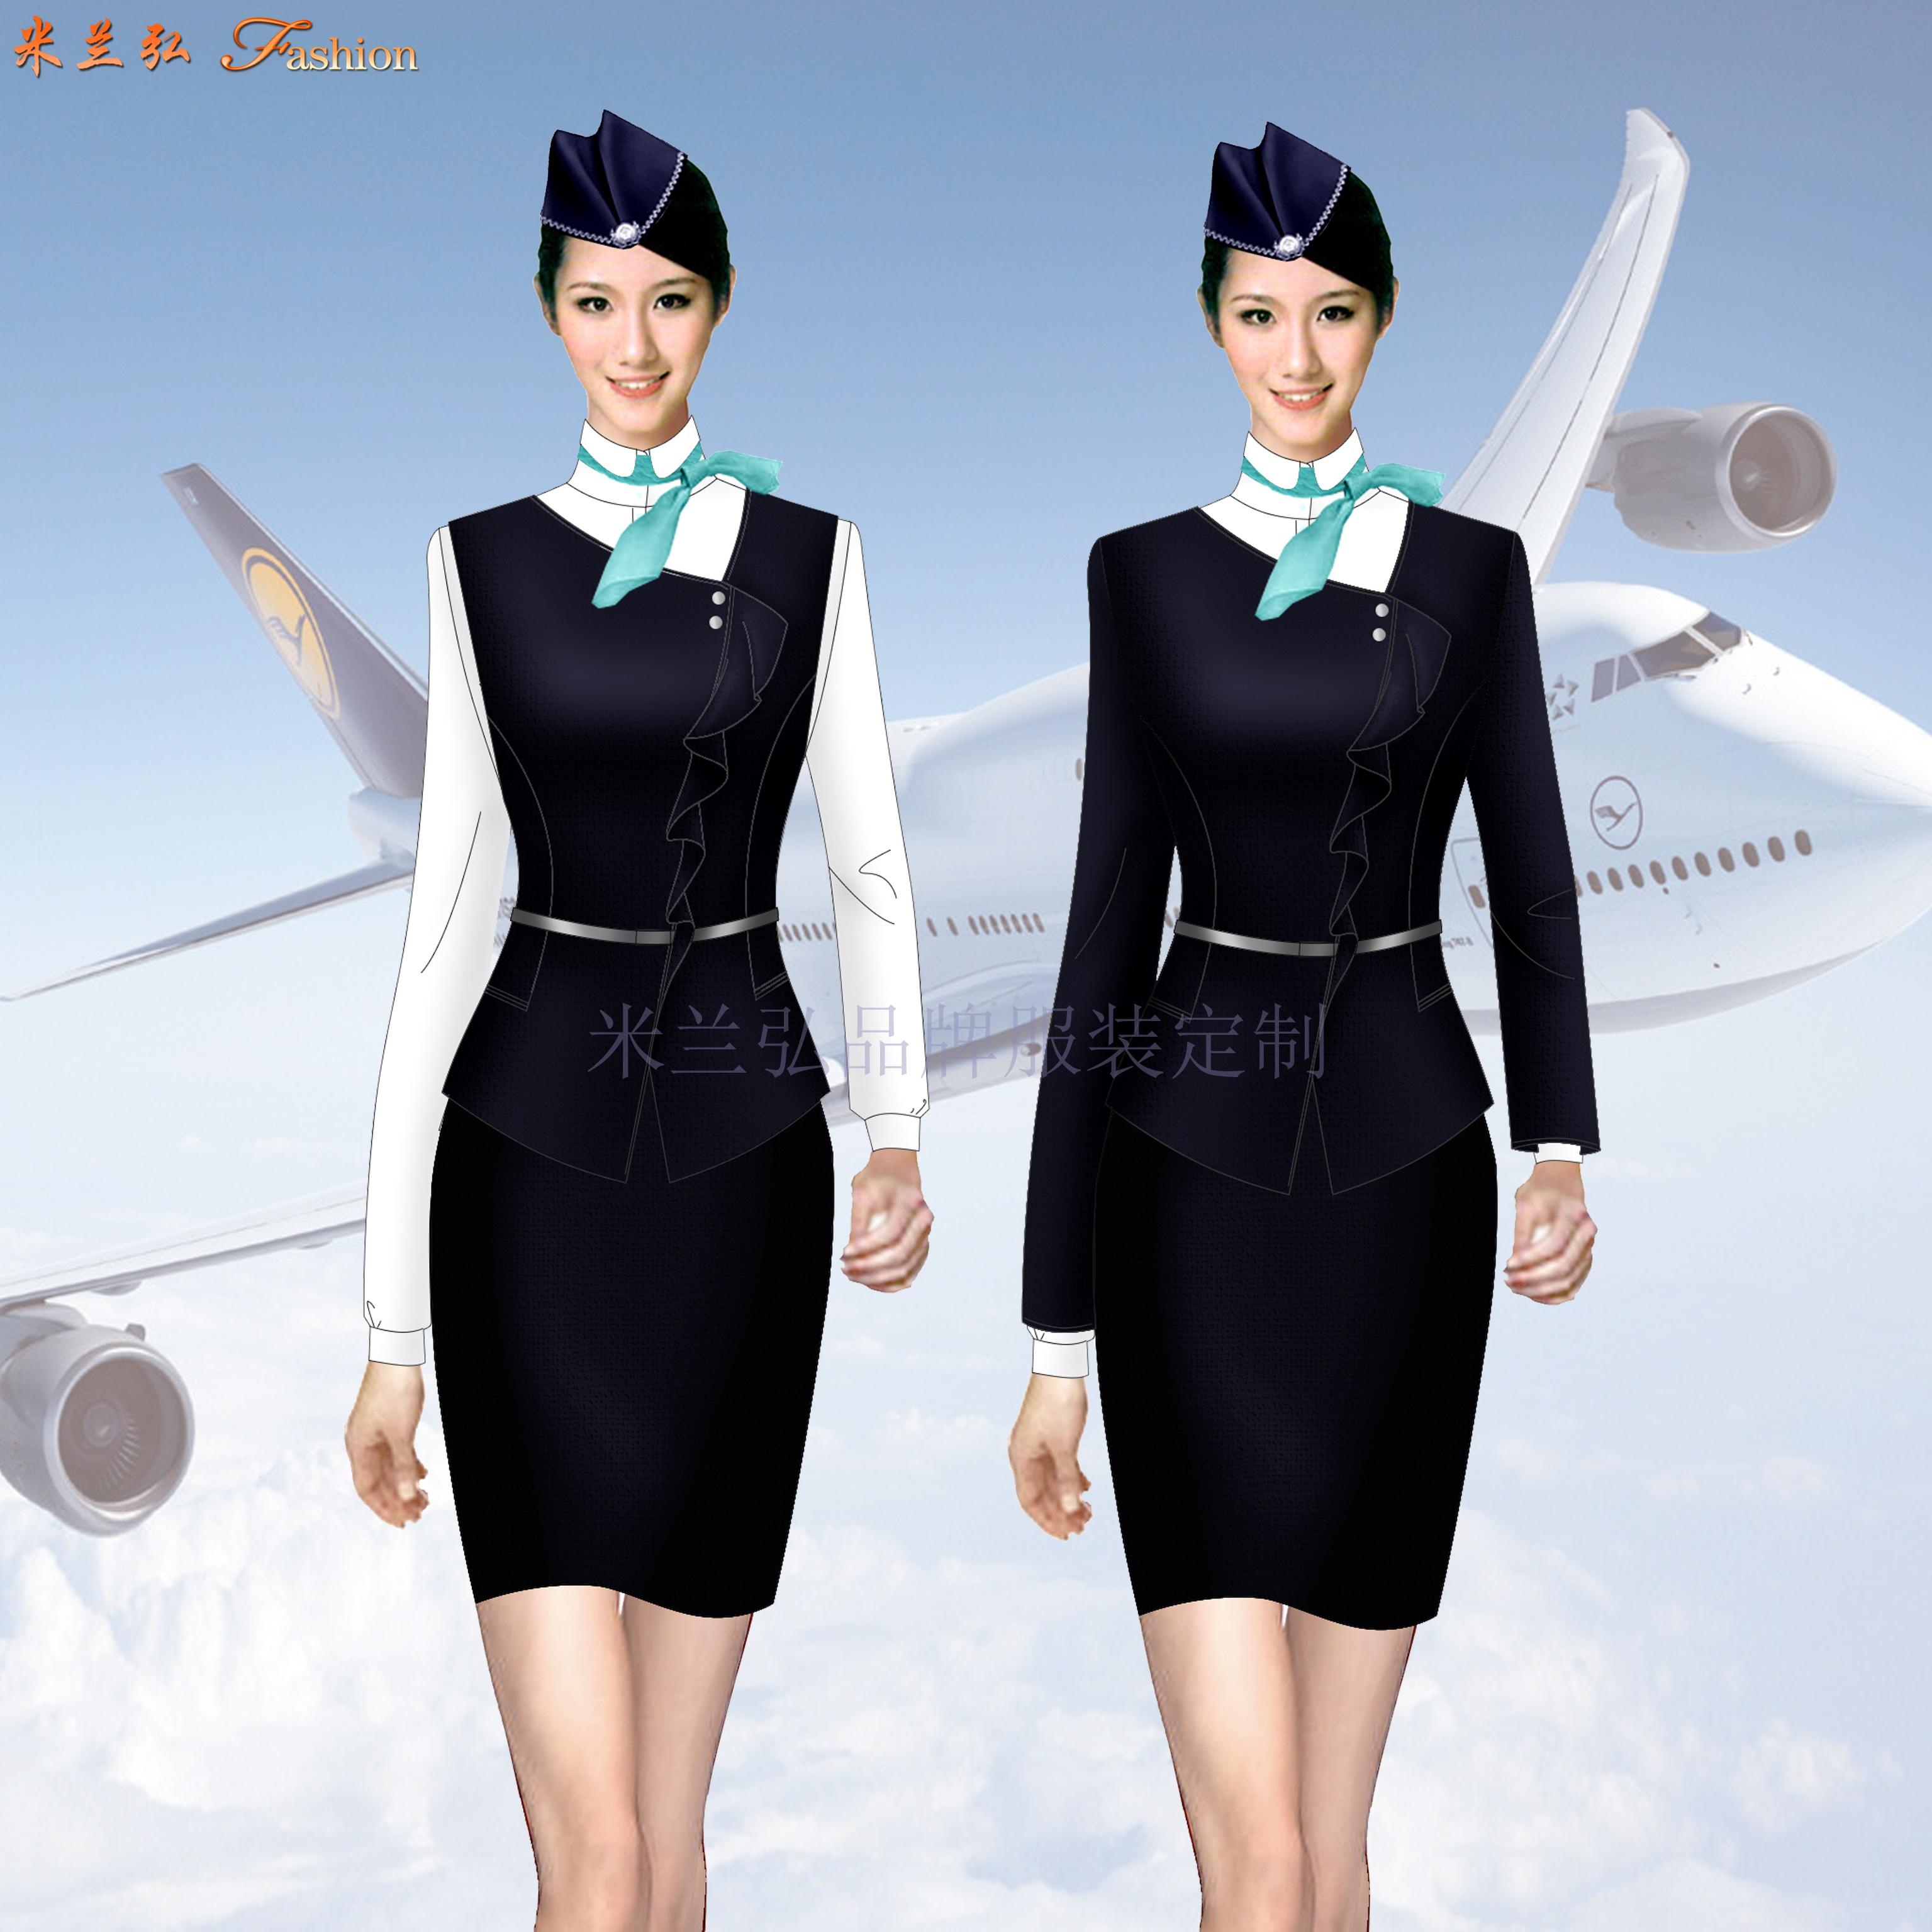 「遼寧空姐服定制」「沈陽空姐服定做」米蘭弘空姐服-4